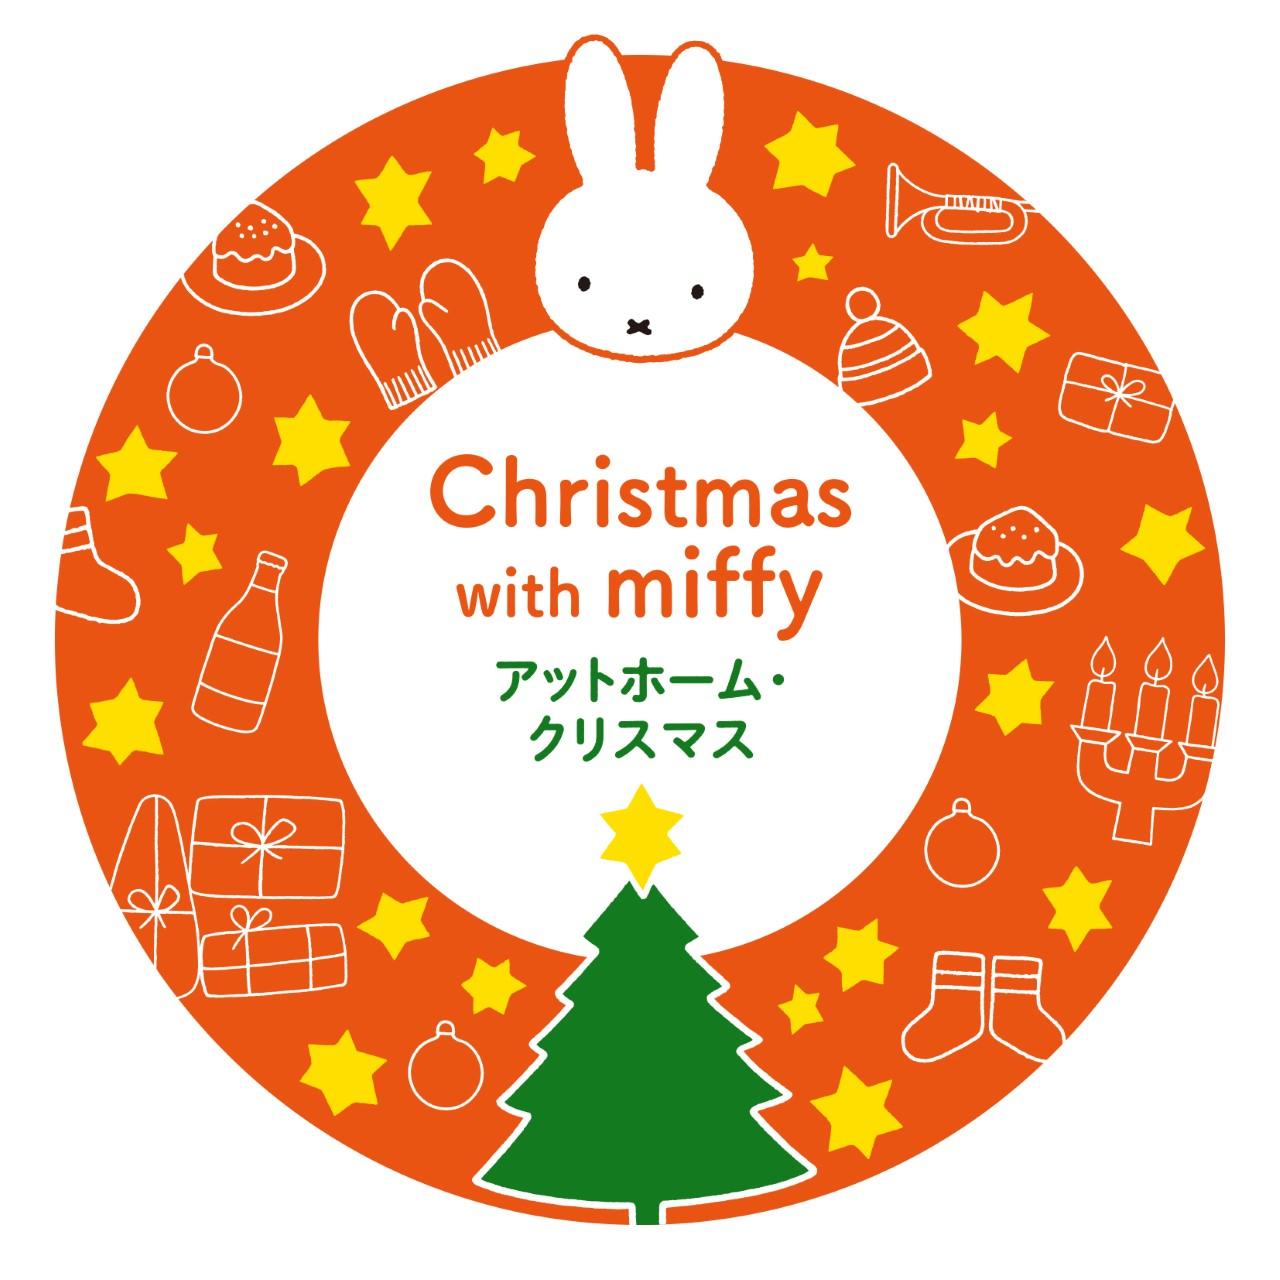 ミッフィーといっしょに!アットホーム・クリスマス